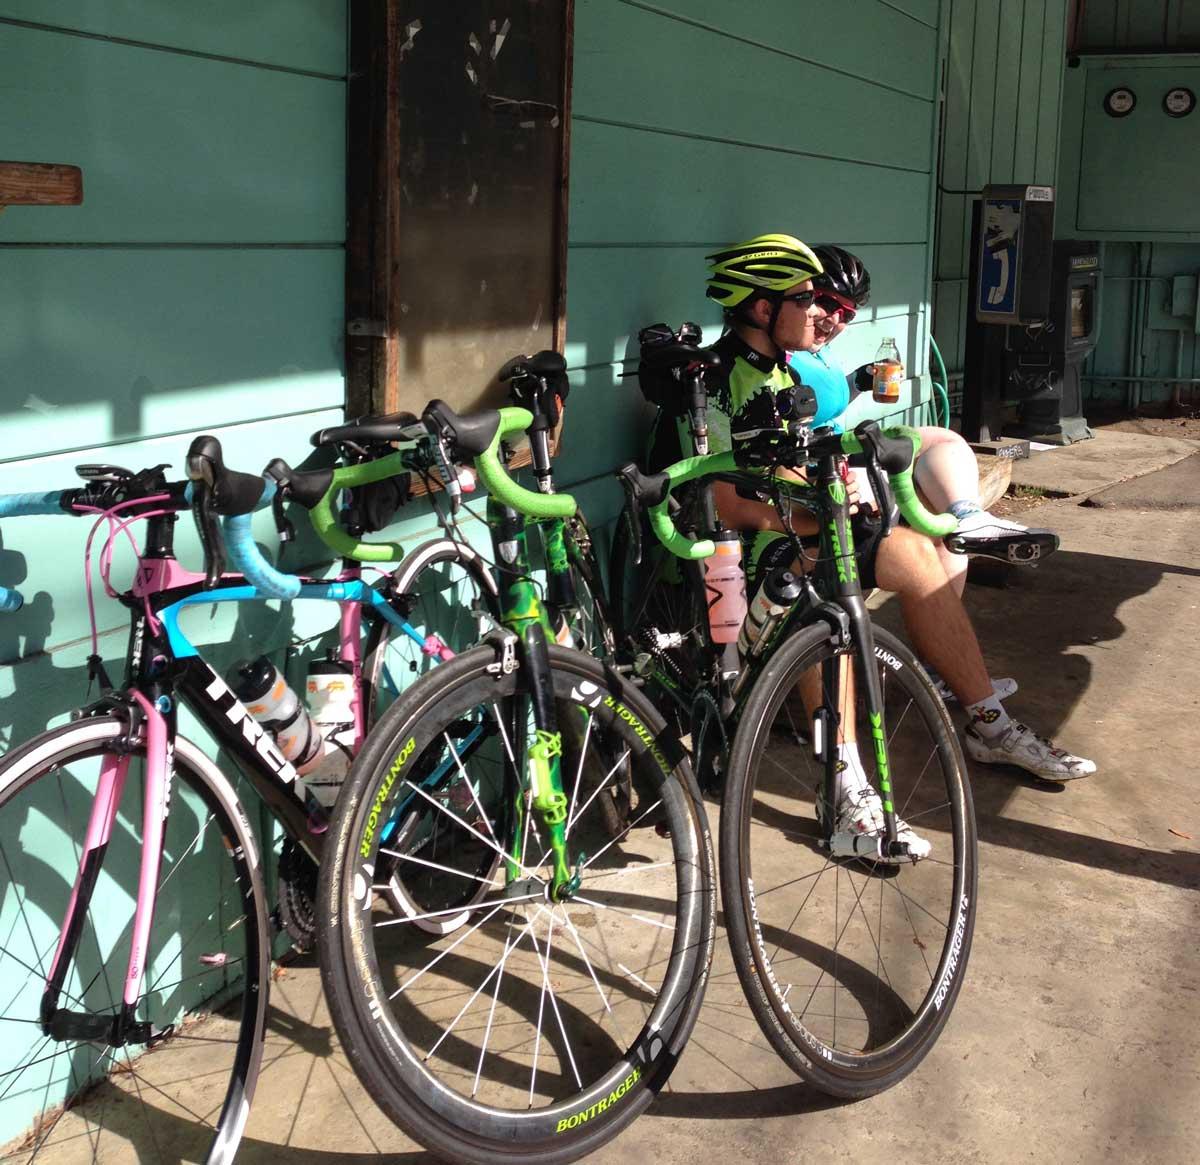 Bikes taking a break at Sky Londa